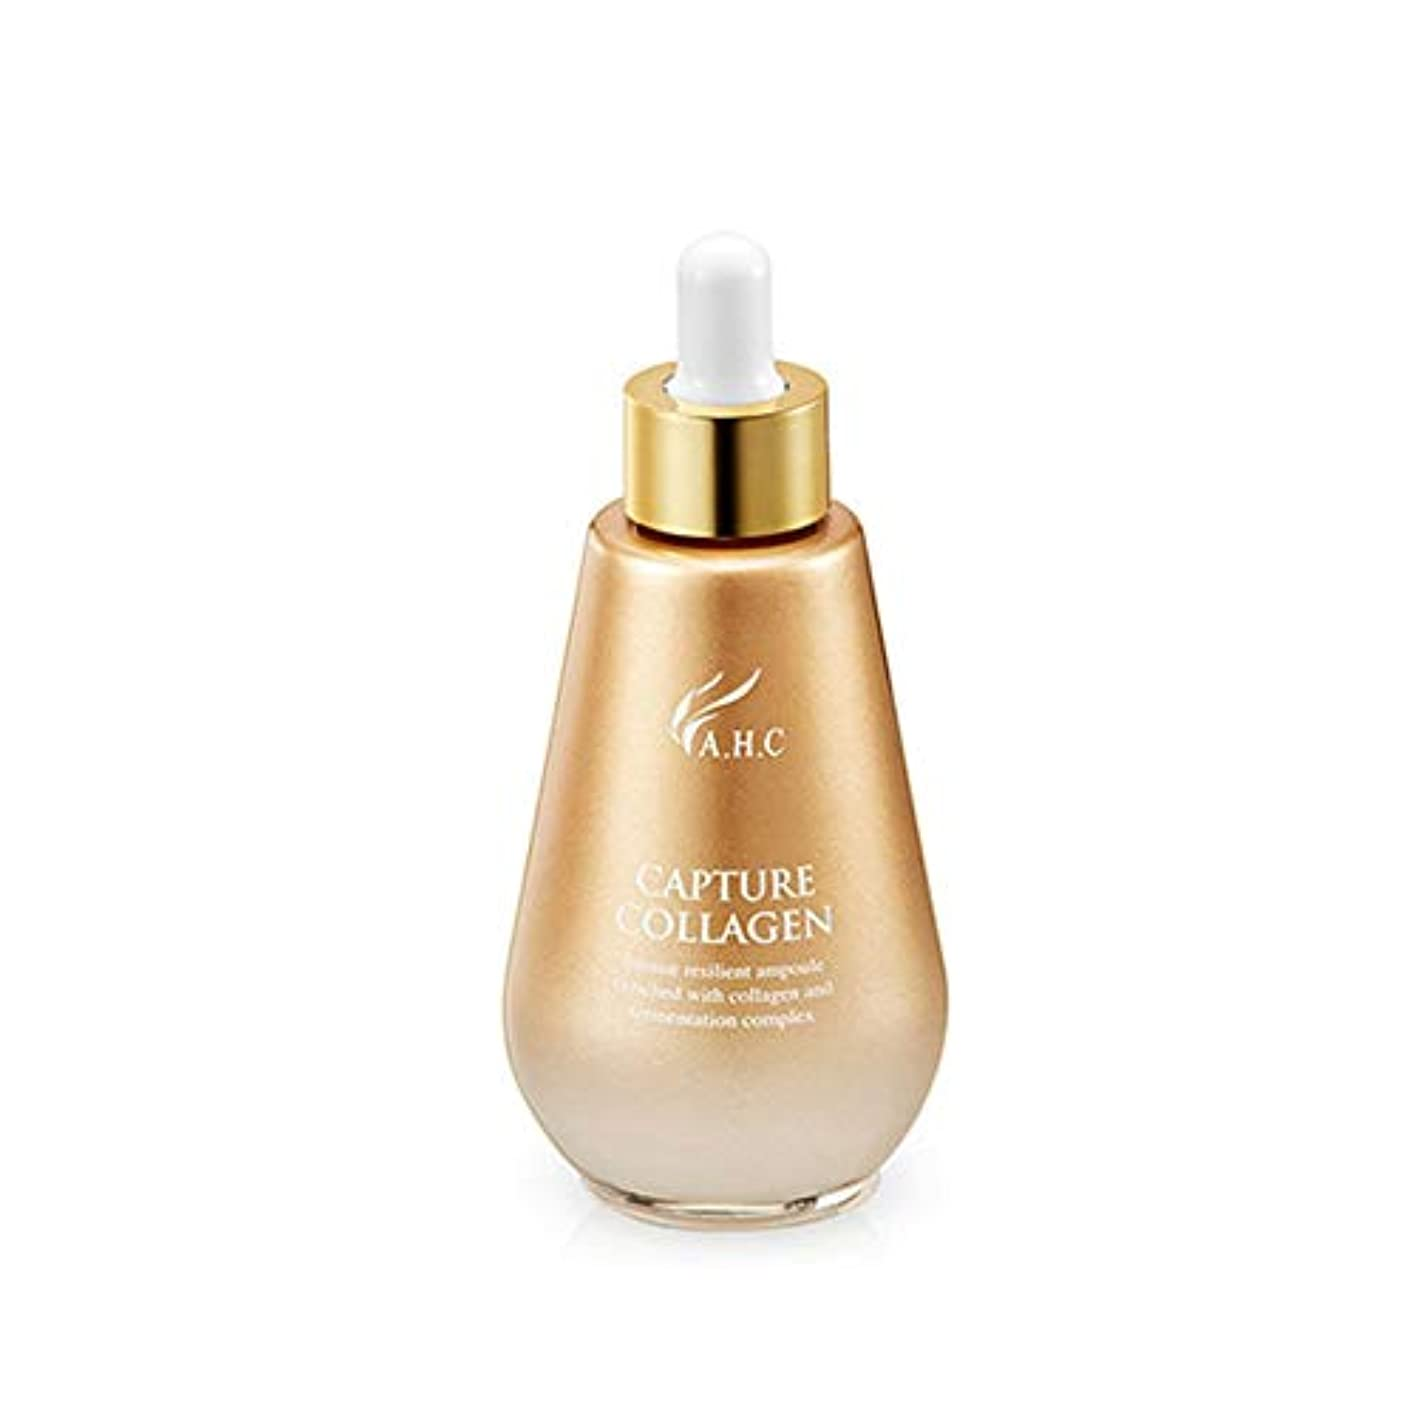 去る船外血まみれAHCバイタルゴールデンコラーゲンスキンケアセットトナーローションクリームアイクリームアンプル、AHC Vital Golden Collagen Skincare Set Toner Lotion Cream Eye...